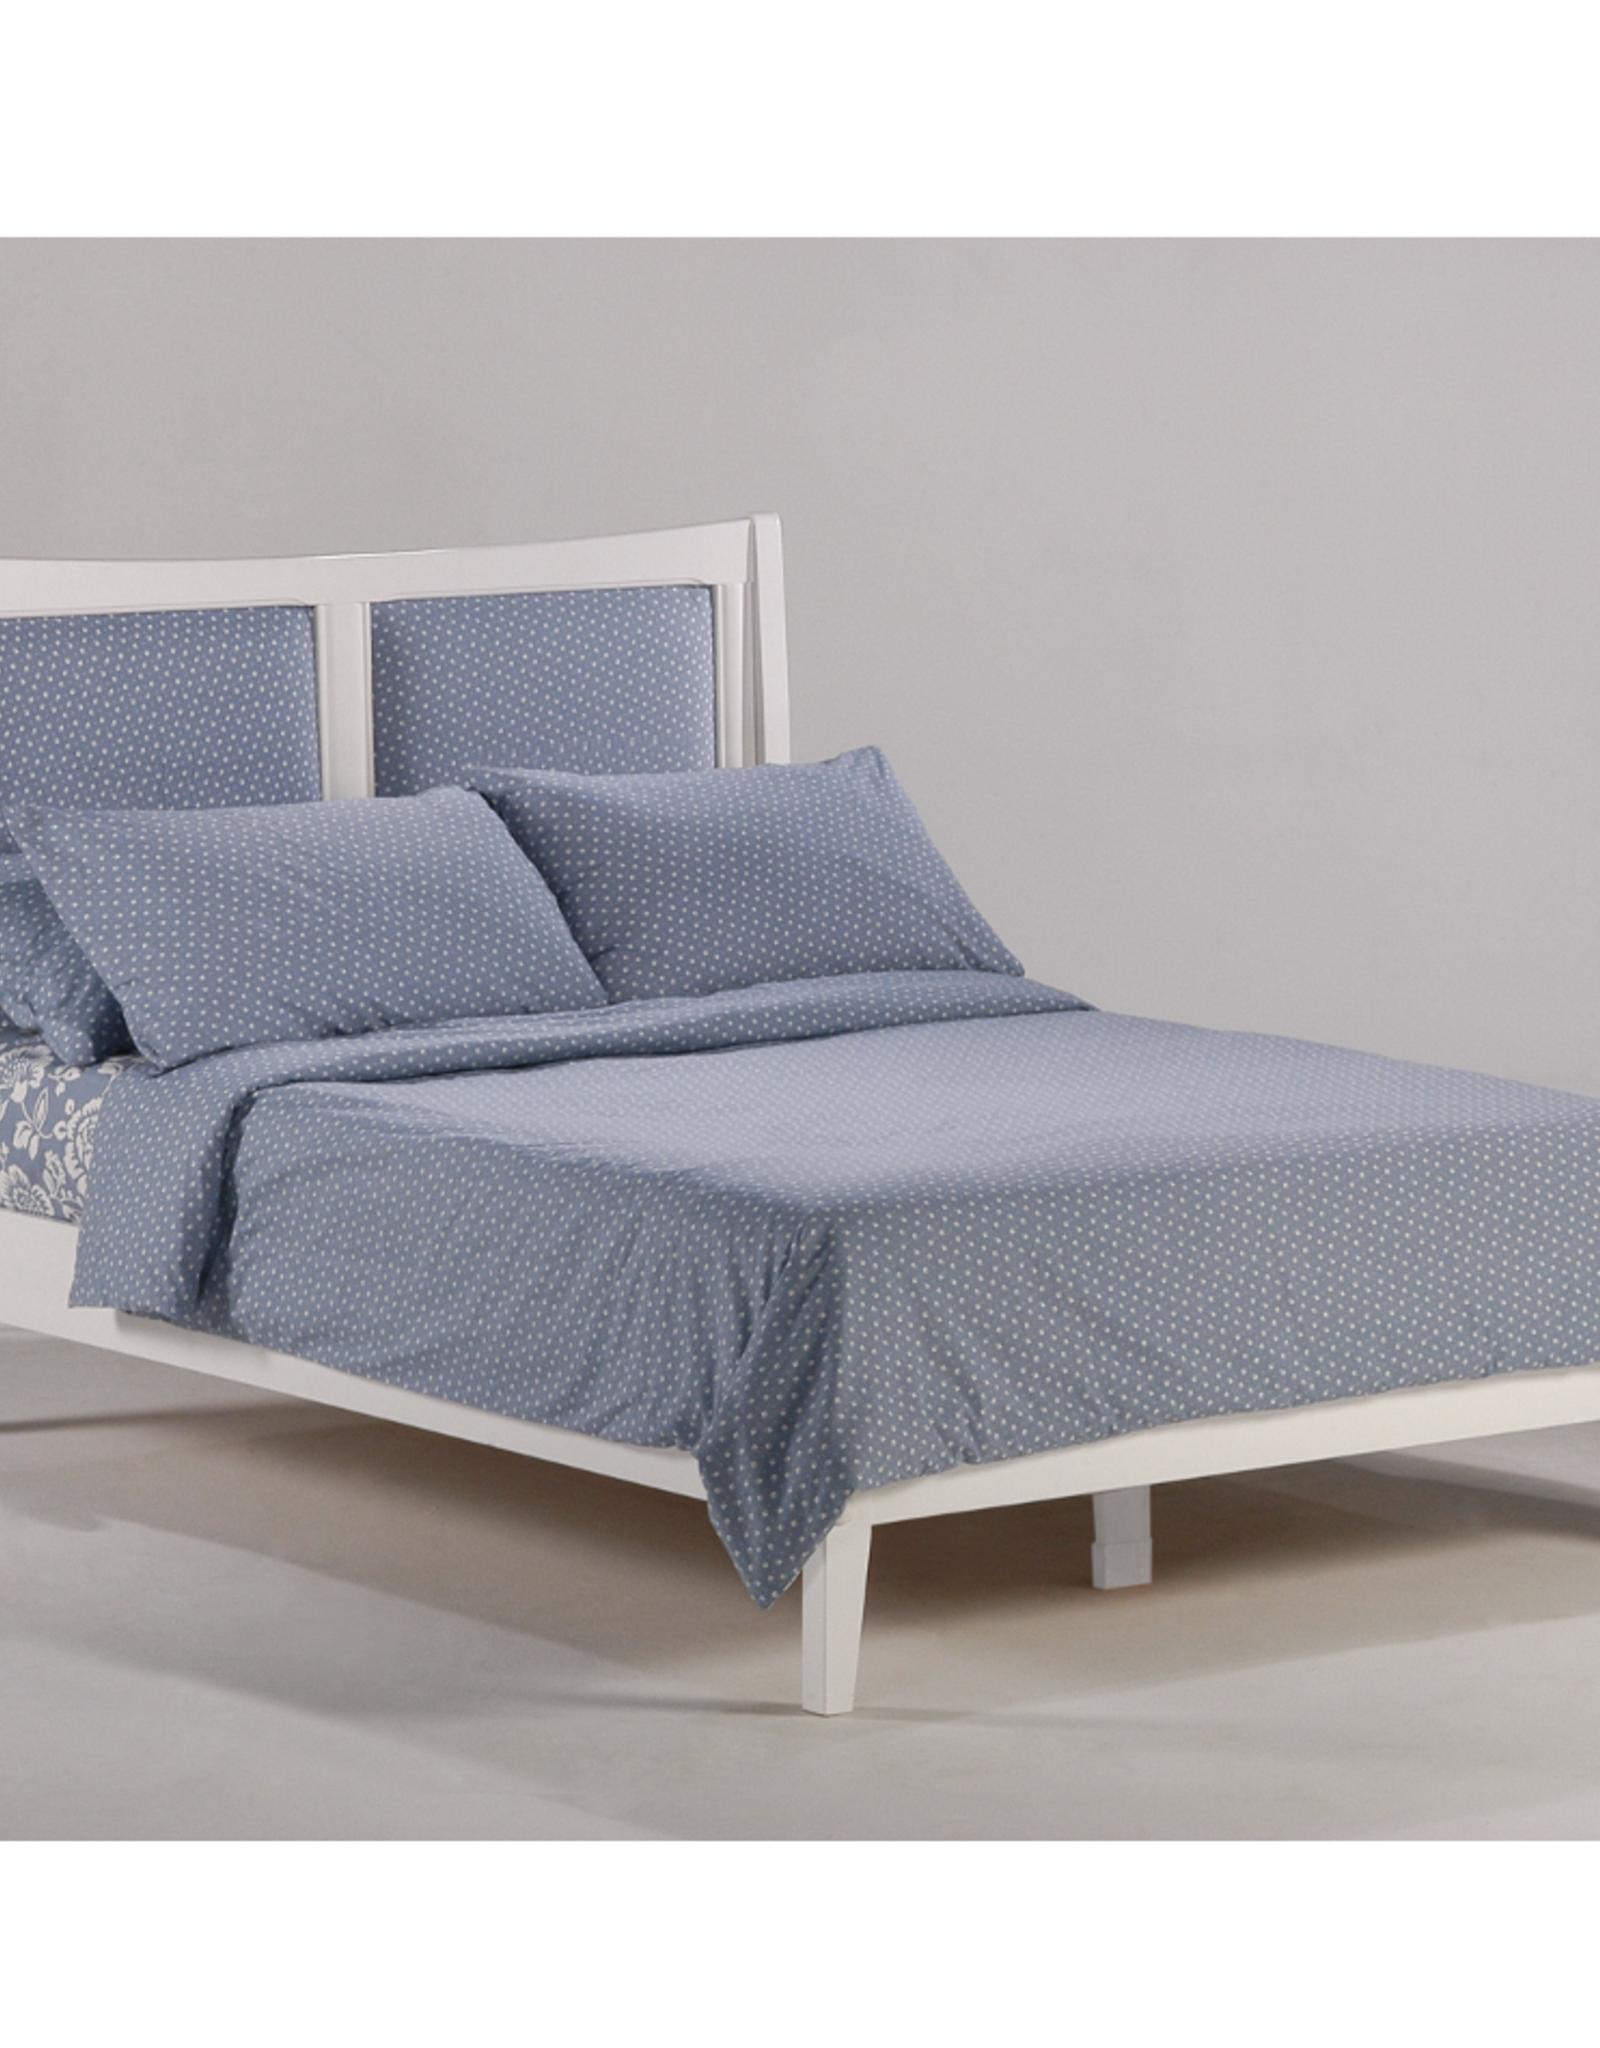 Chameleon Platform Bed - Comes in Fives Colors